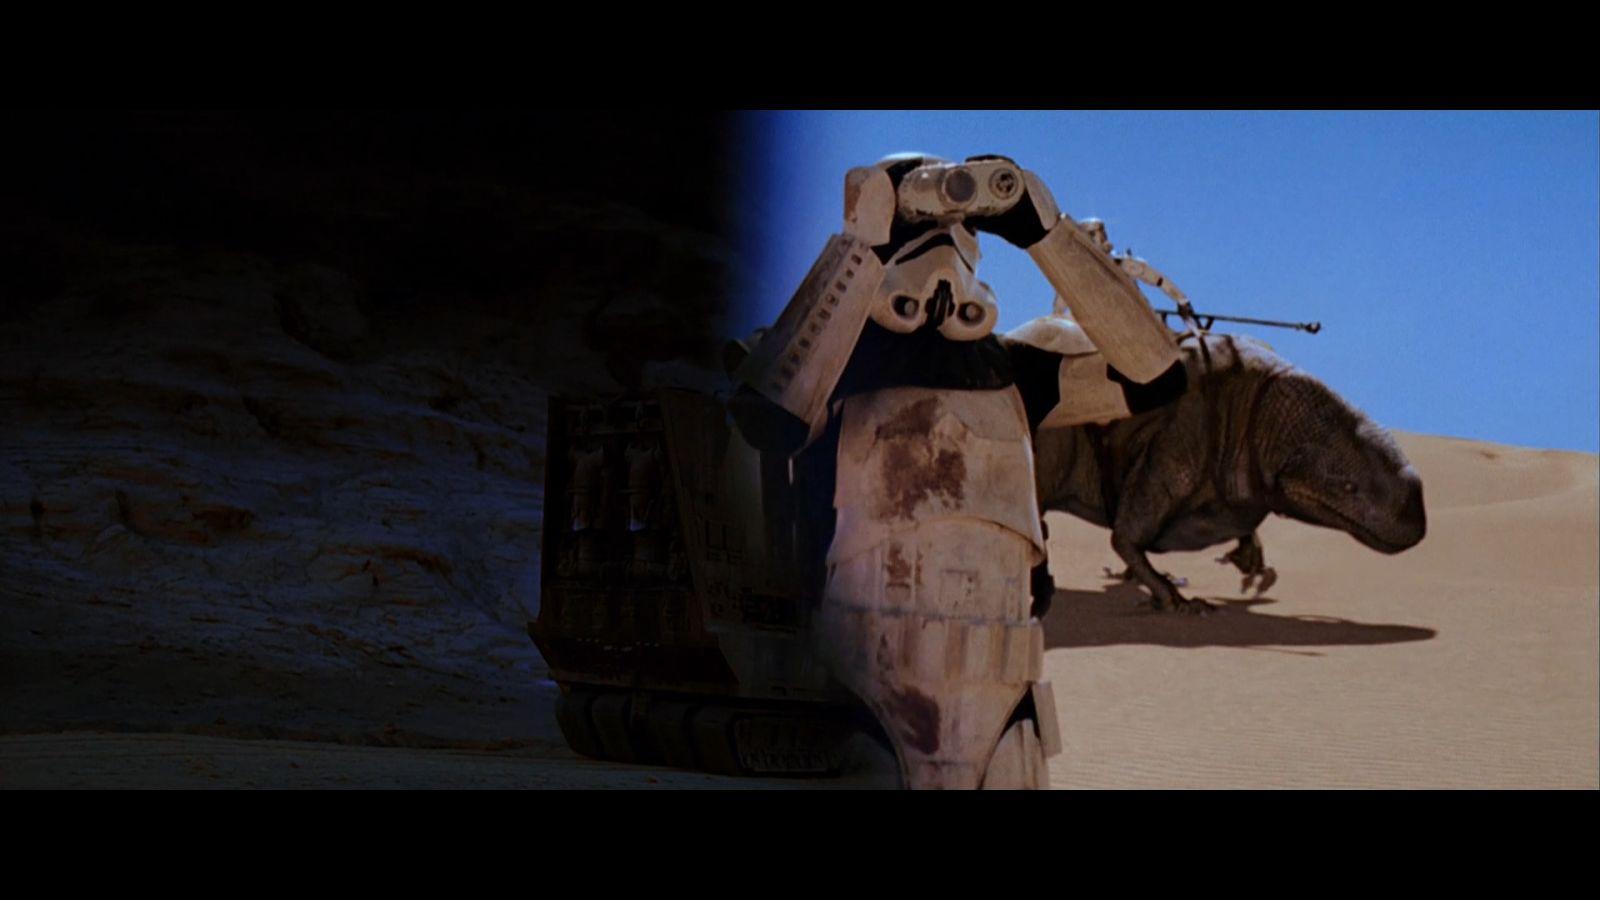 Sandtroopers - Blueray Screen Captures